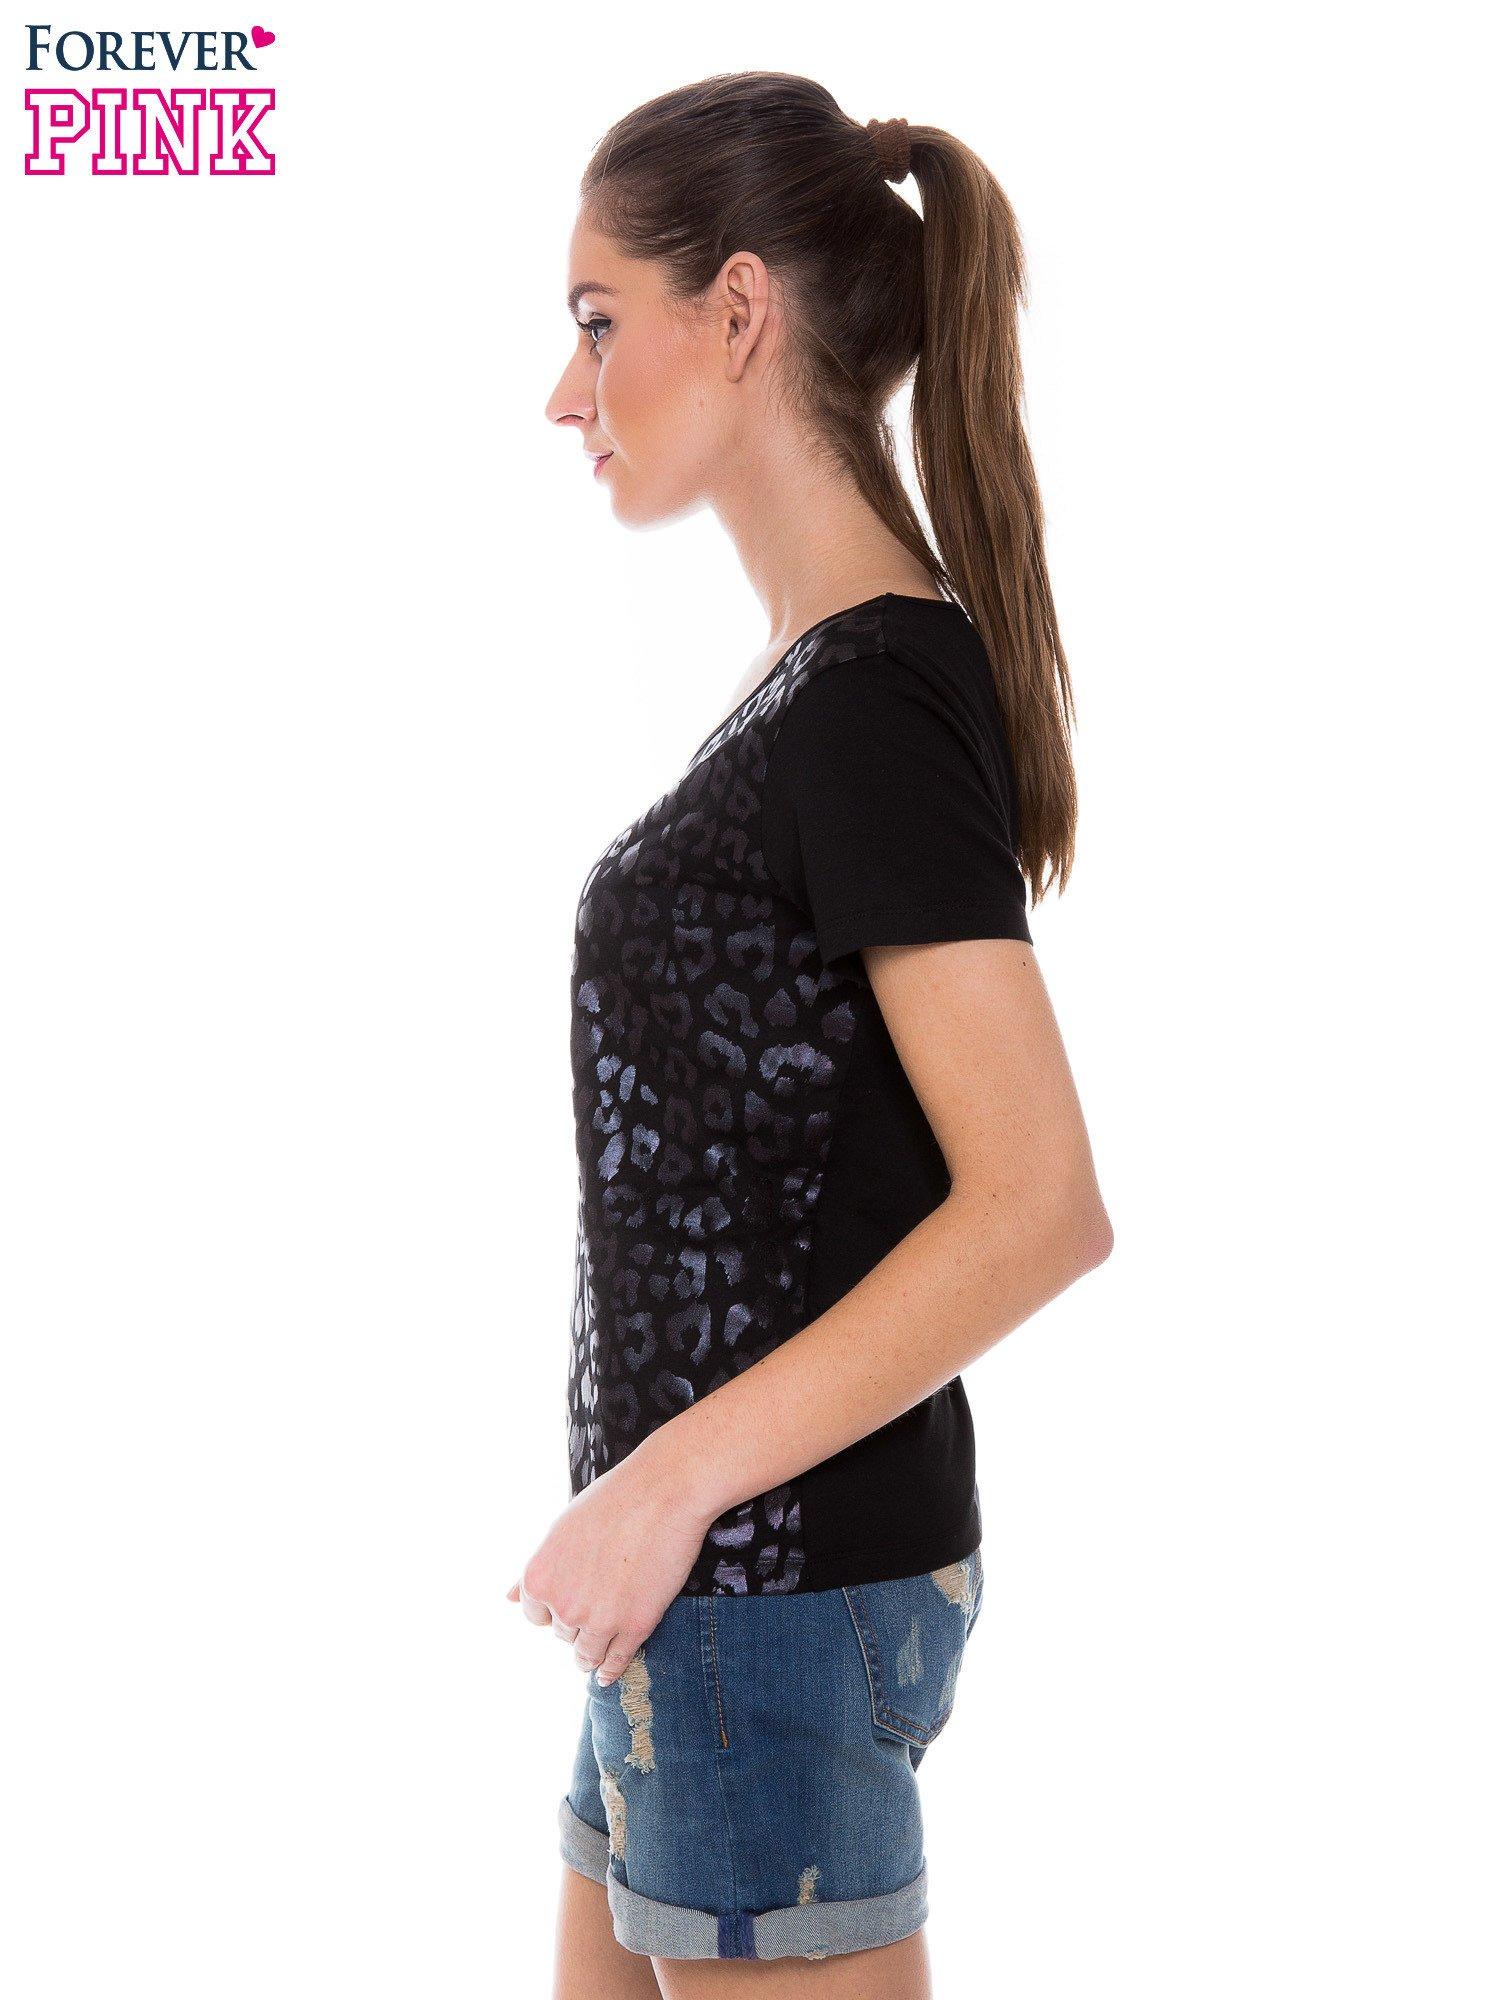 Czarny t-shirt z metalicznym nadrukiem w cętki pantery                                  zdj.                                  2